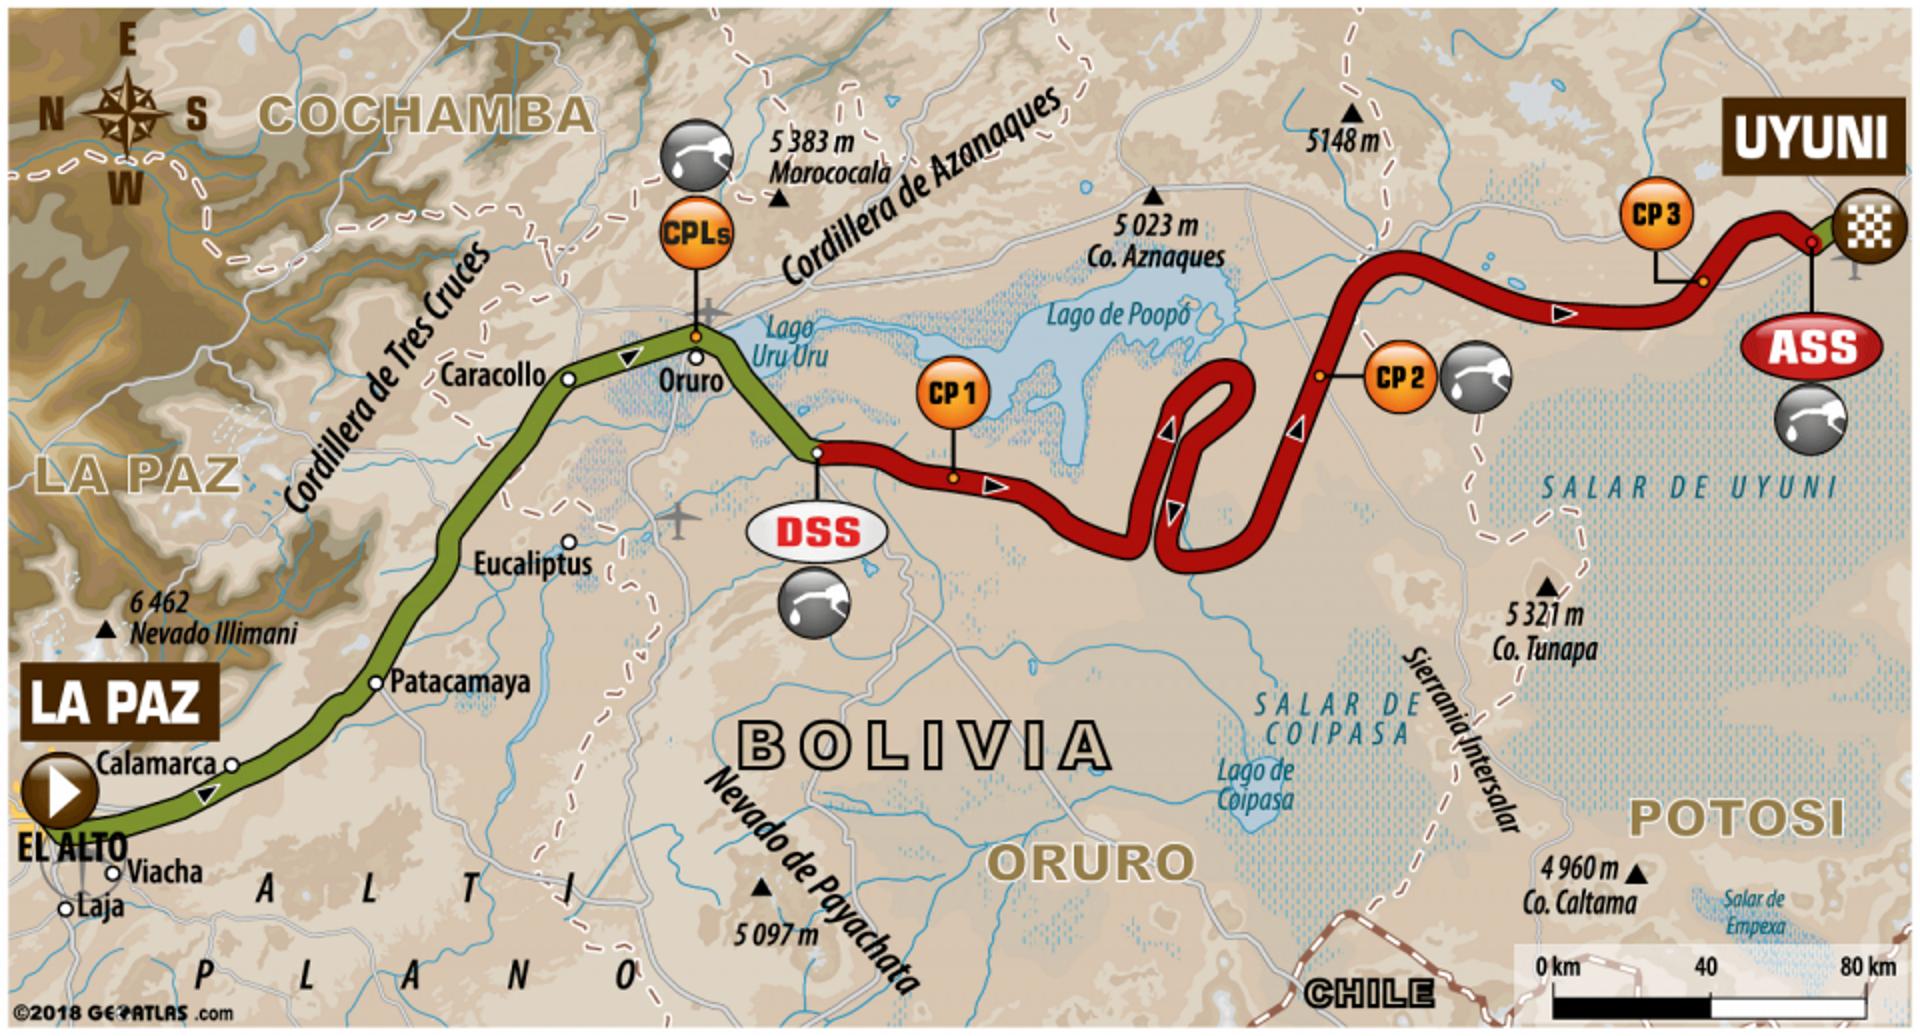 Así fue el recorrido entre La Paz y Uyuni de la séptima etapa del Dakar 2018 (Dakar)